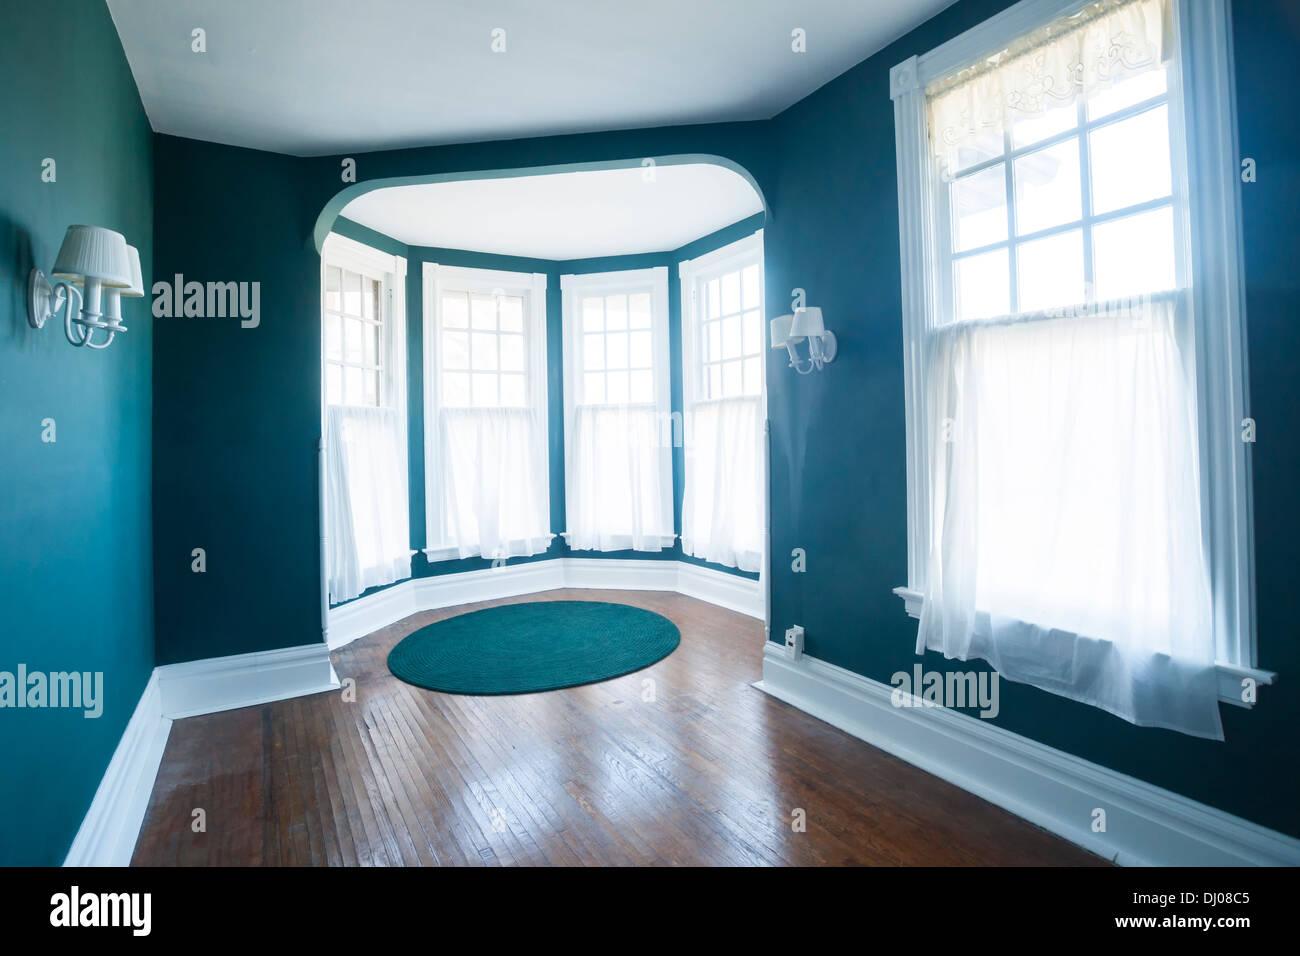 Stanza vuota con finestre appliques e pavimento in legno all